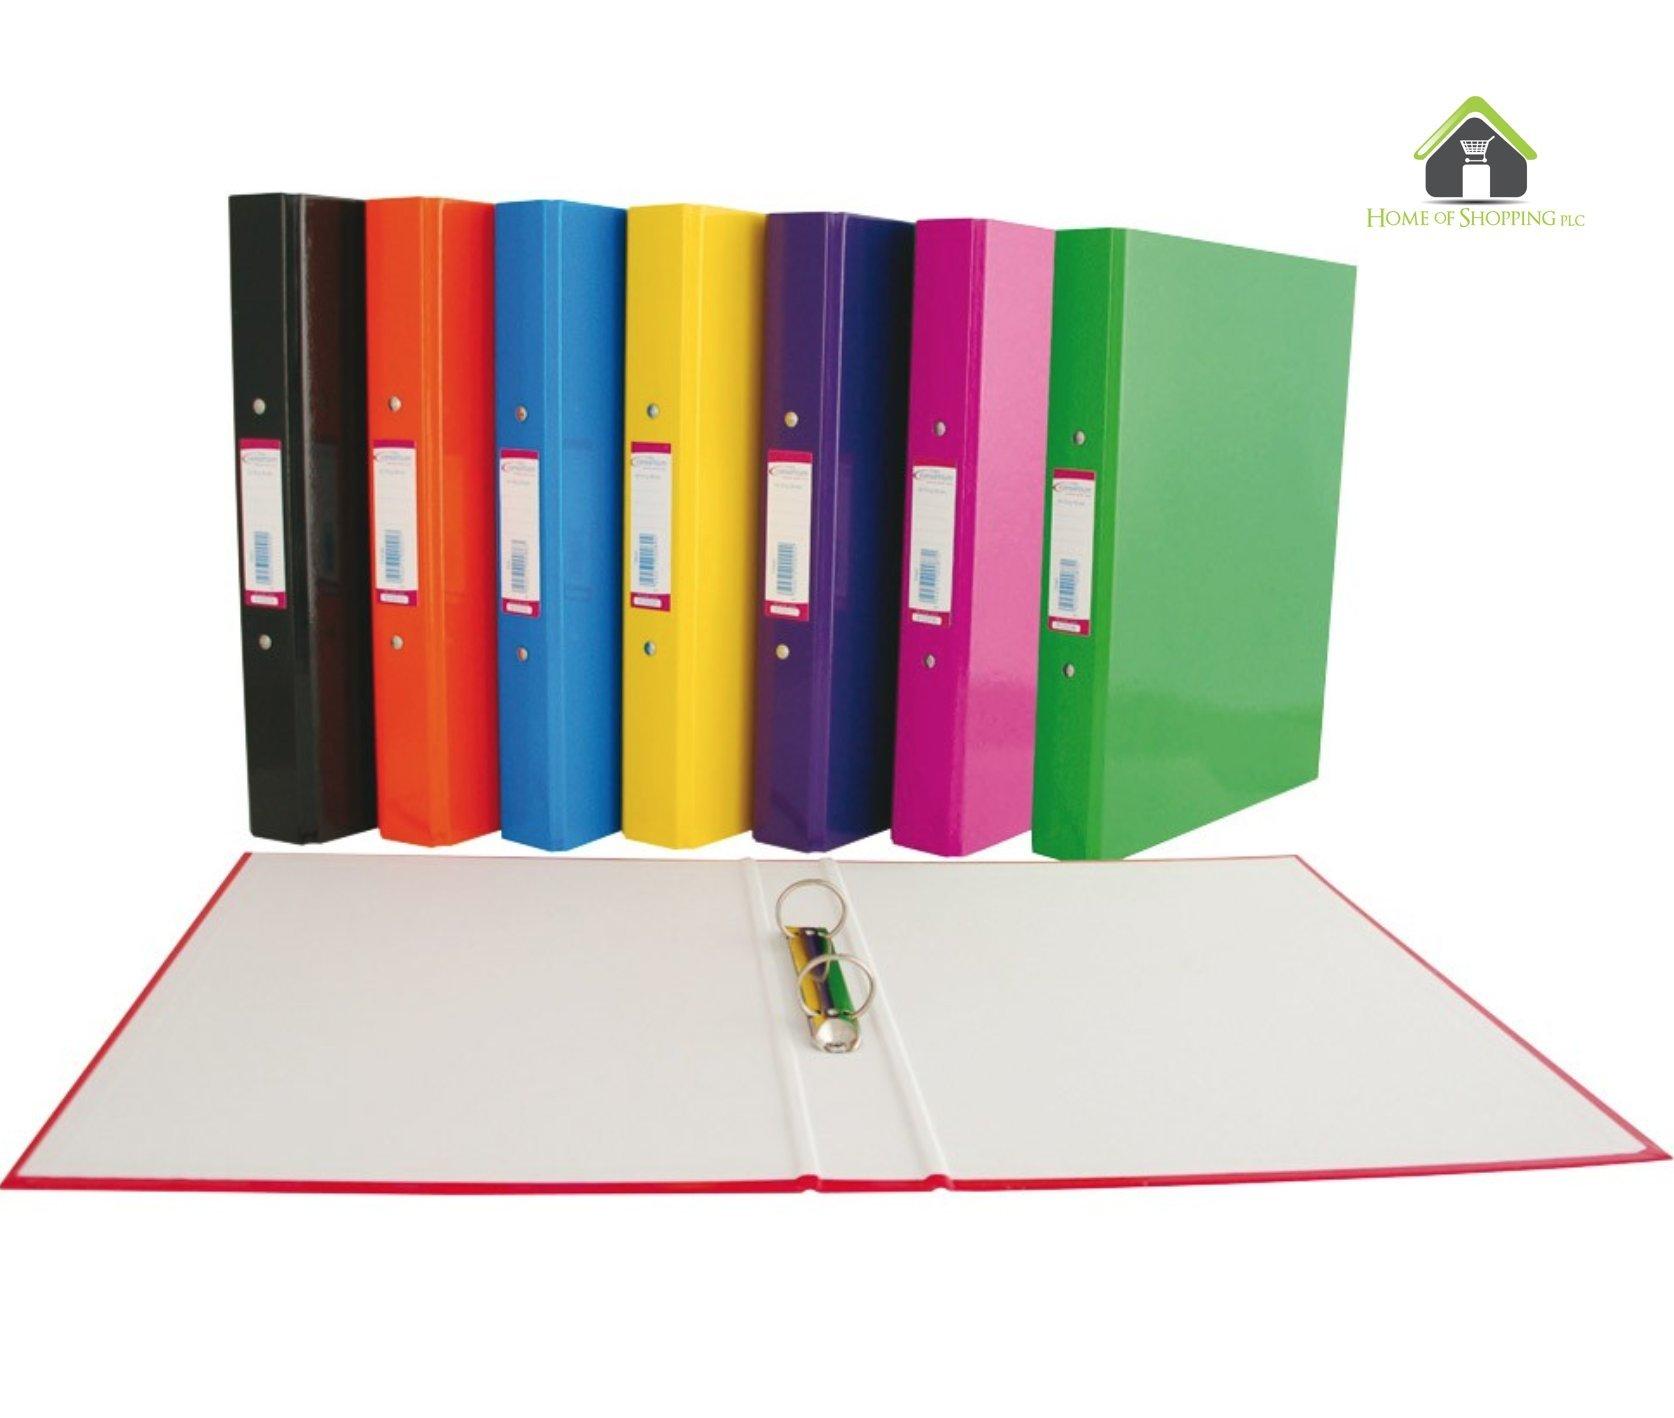 Paquete de 4 carpetas grandes A4 con 2 anillas (extragruesas): Amazon.es: Oficina y papelería